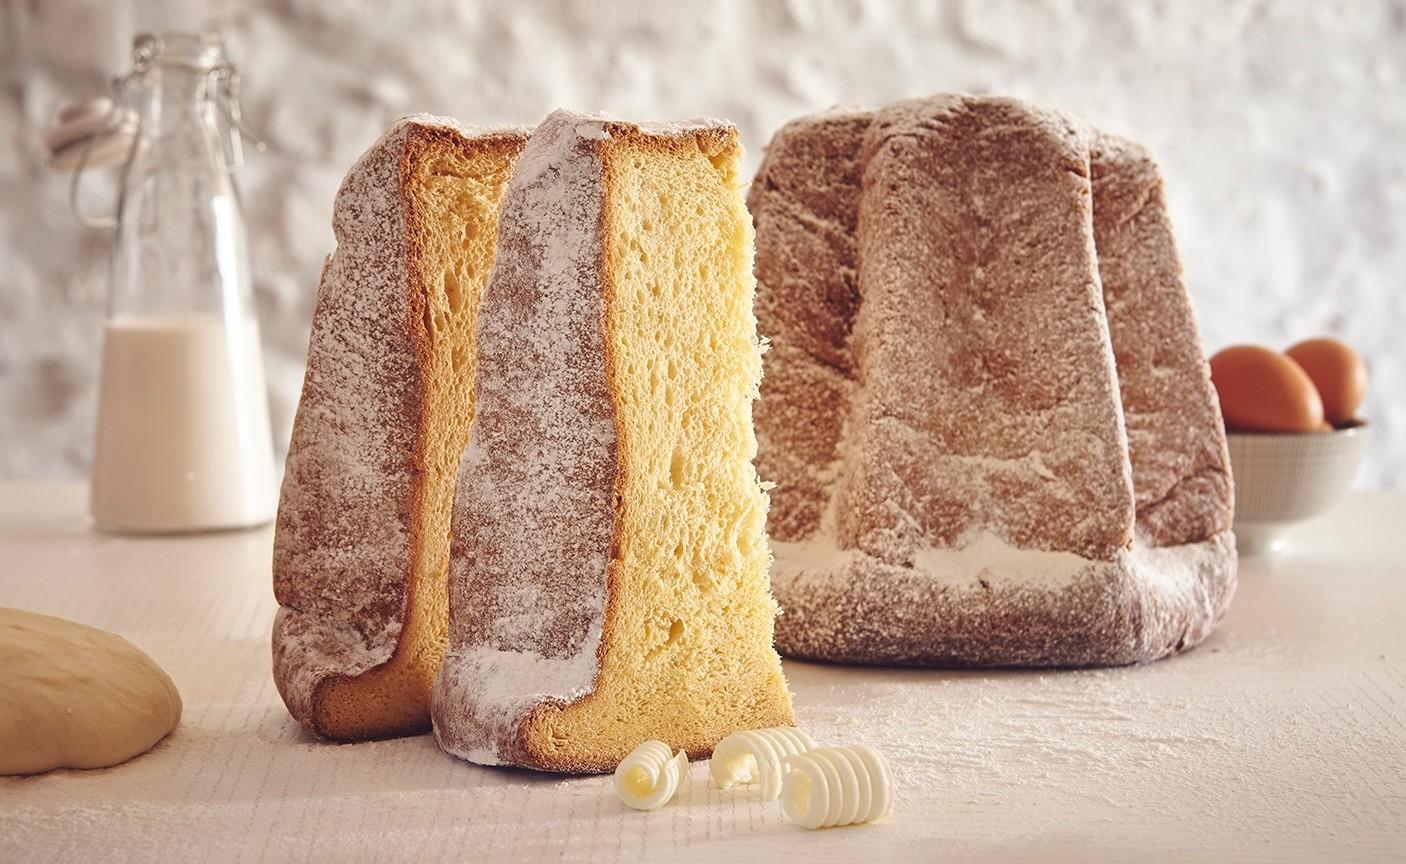 Ricetta Pandoro: come fare un Pandoro fatto in casa